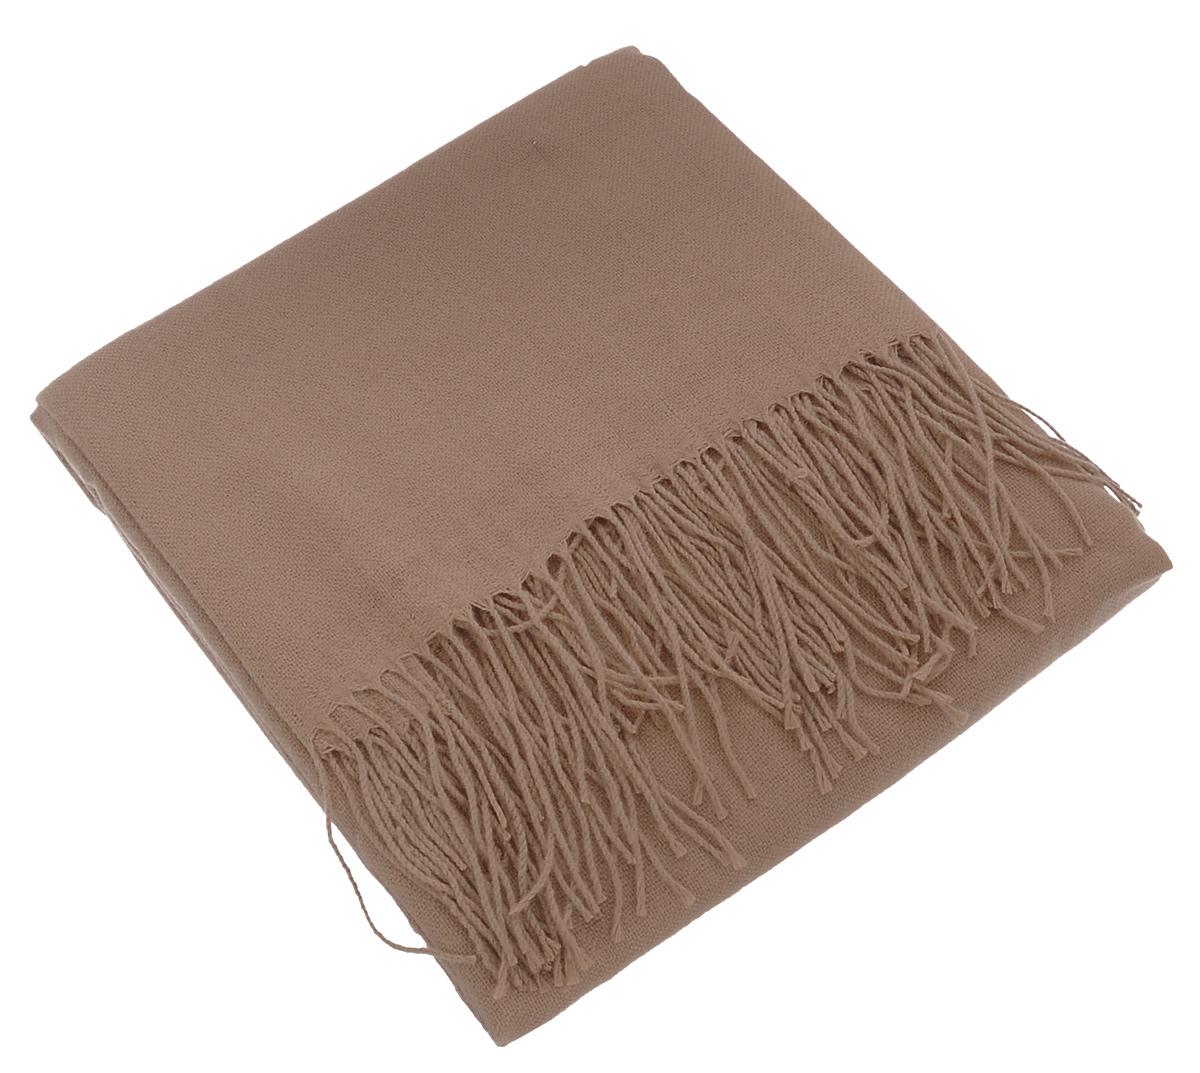 Плед Comfort, цвет: светло-коричневый, 150 х 200 см232178Плед Comfort - это идеальное решение для вашего интерьера! Он порадует вас легкостью, нежностью и оригинальным дизайном! Плед выполнен из полиэстера.Плед - это такой подарок, который будет всегда актуален, особенно для ваших родных и близких, ведь вы дарите им частичку своего тепла!